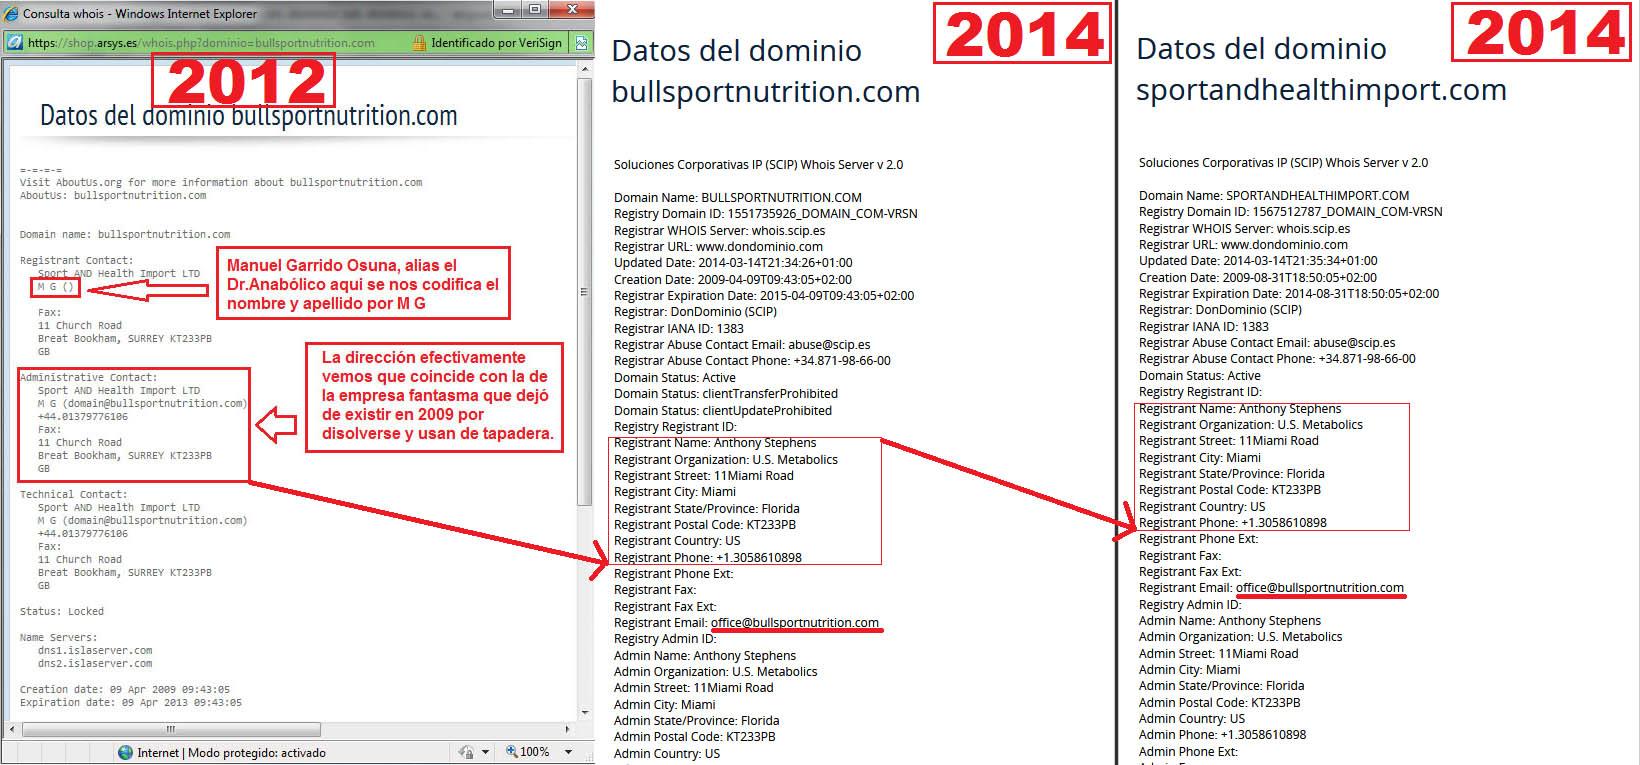 datos dominio bullsportnutrition  2012 vs 2014 cambiados por Masmusculo al destapar su fraude